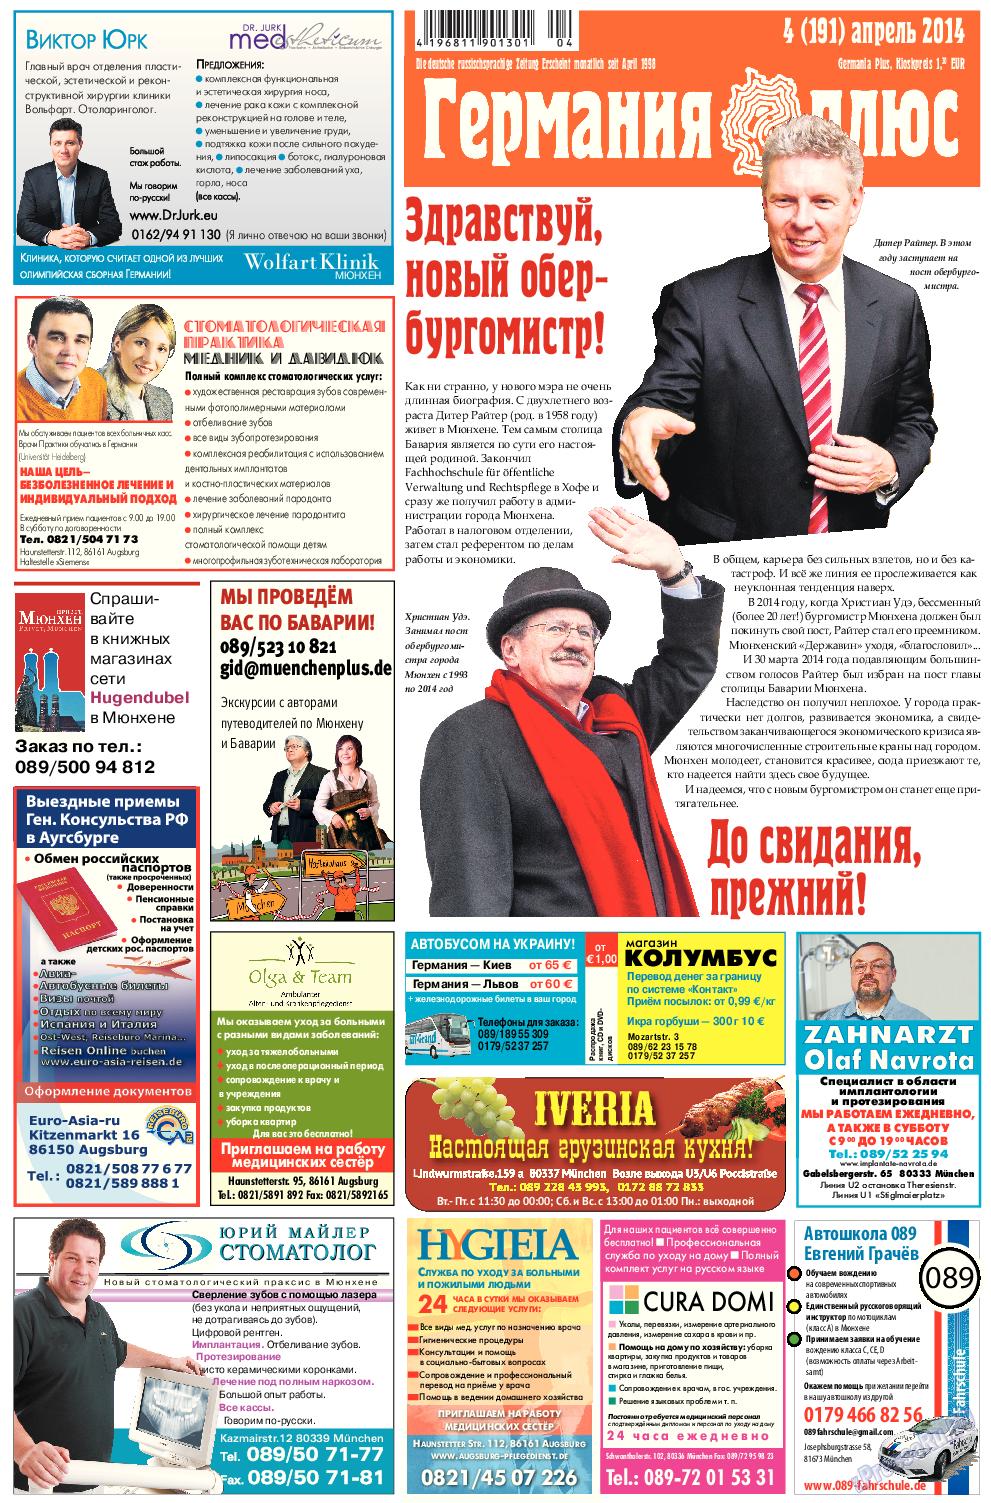 Германия плюс (газета). 2014 год, номер 4, стр. 1